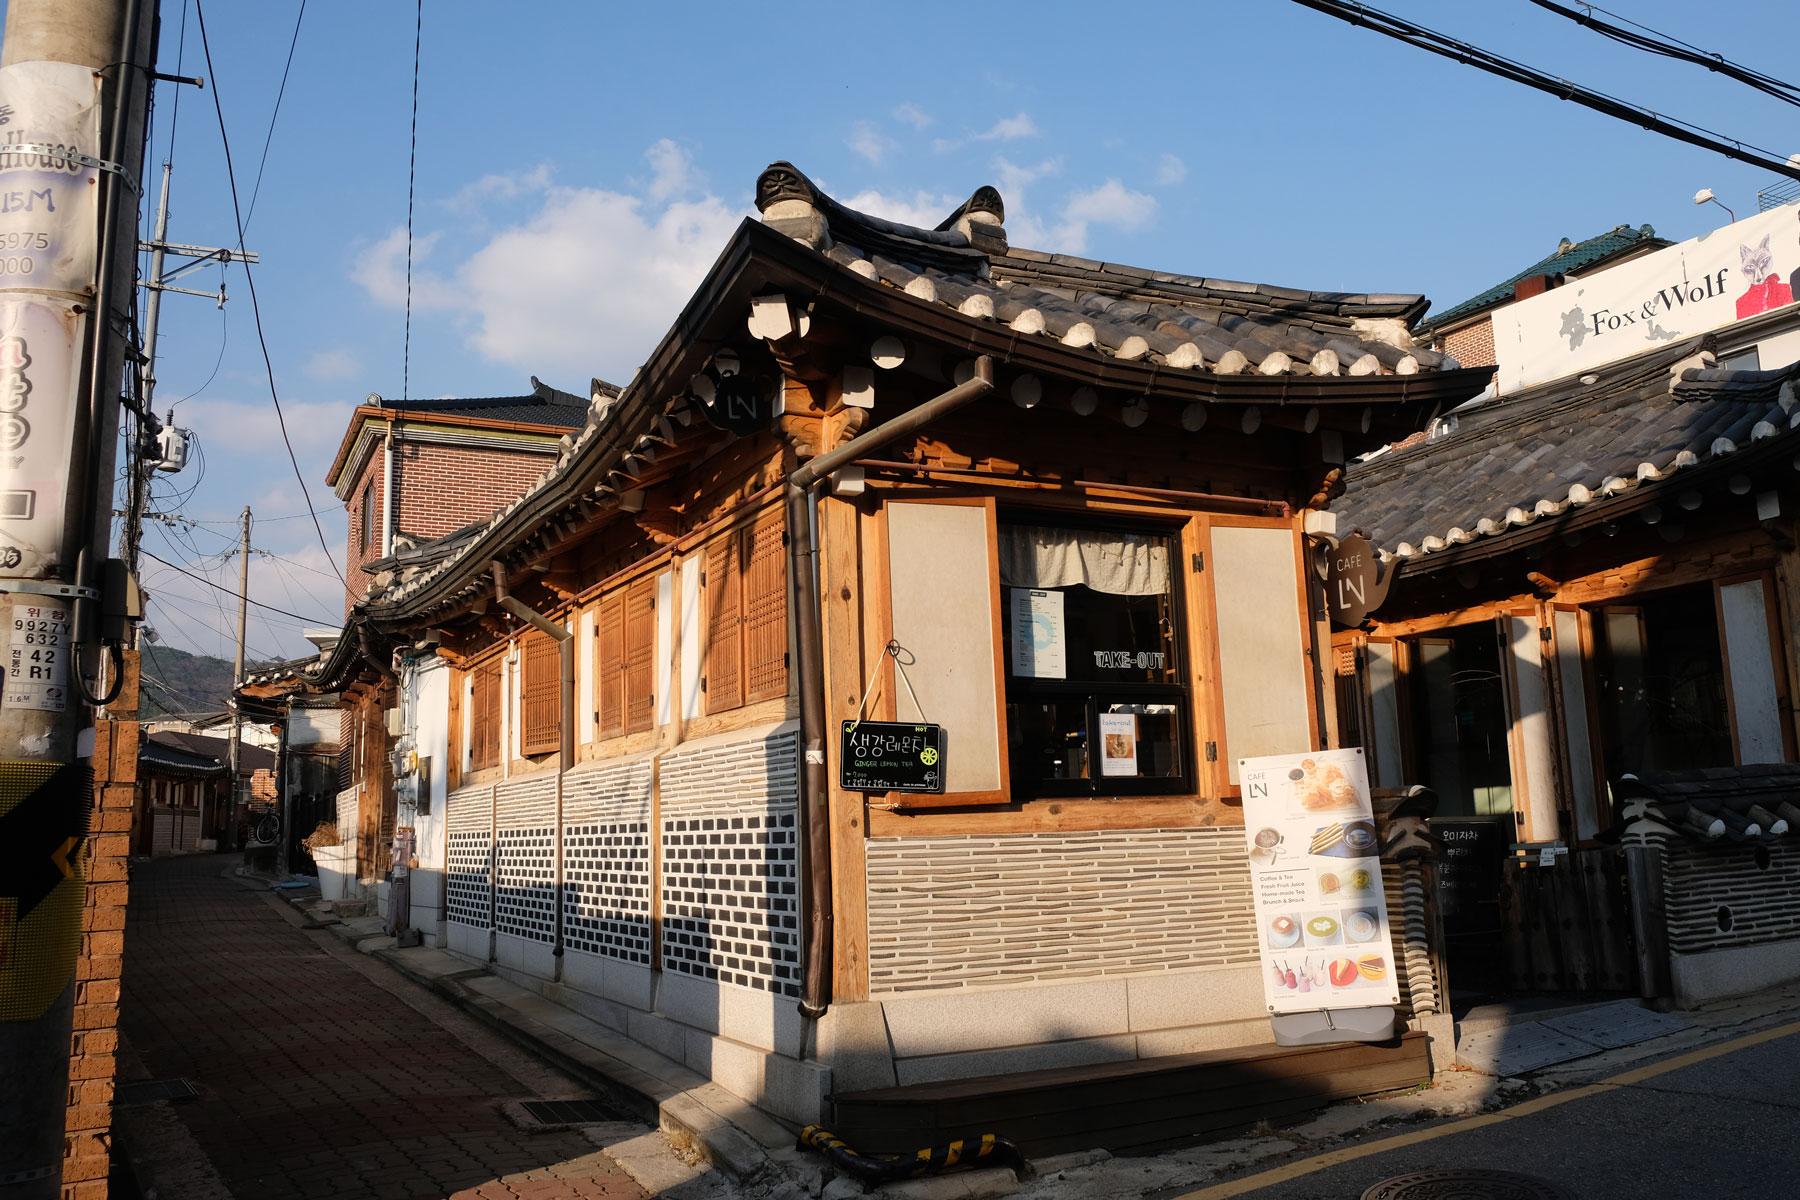 Ein traditionelles koreanisches Haus im Bukchon Hanok Village in Seoul in Südkorea.